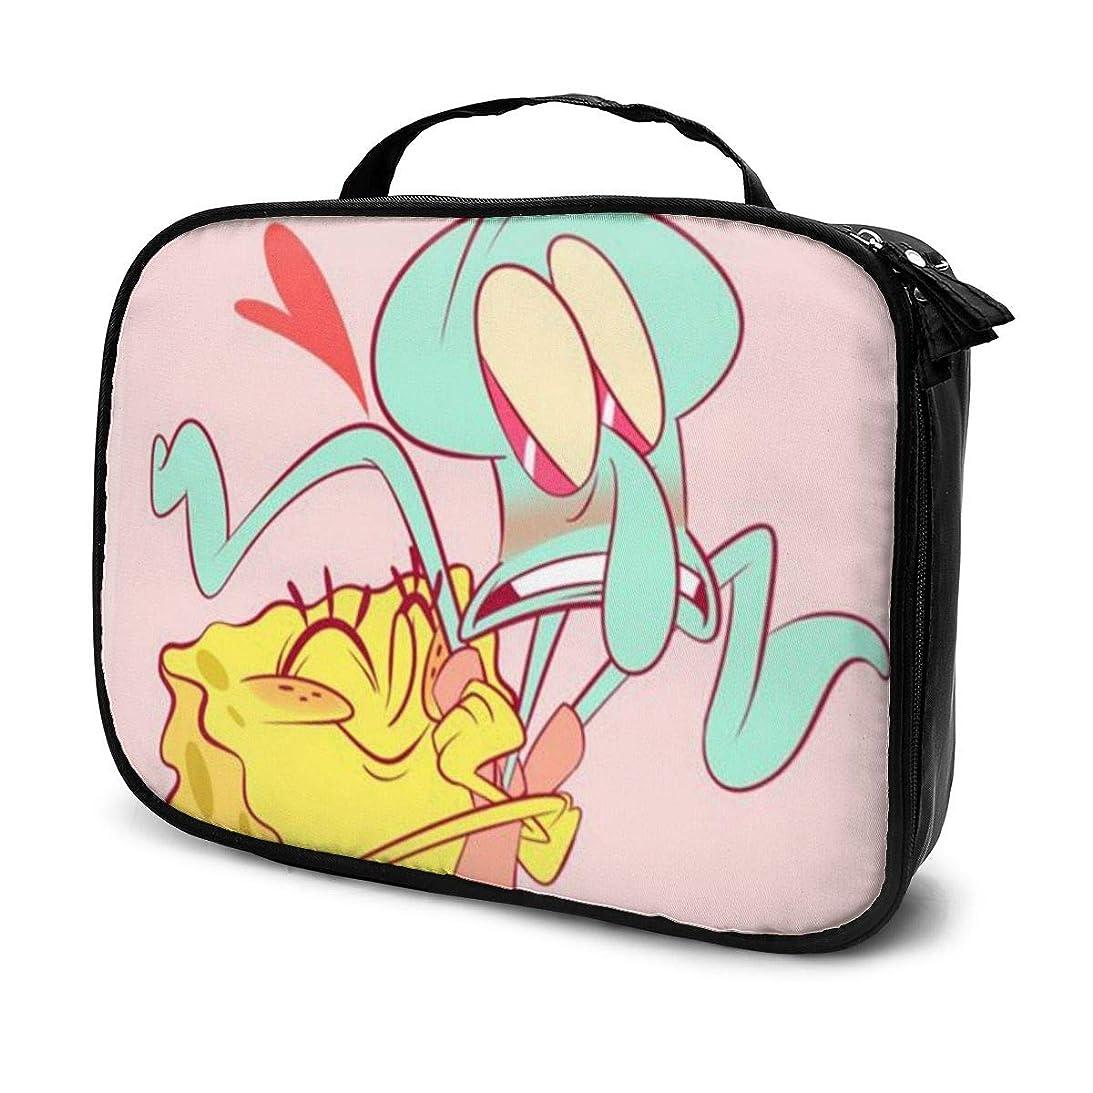 接続されたギャラントリー反対したDaituスポンジボブイカ病触手 化粧品袋の女性旅行バッグ収納大容量防水アクセサリー旅行